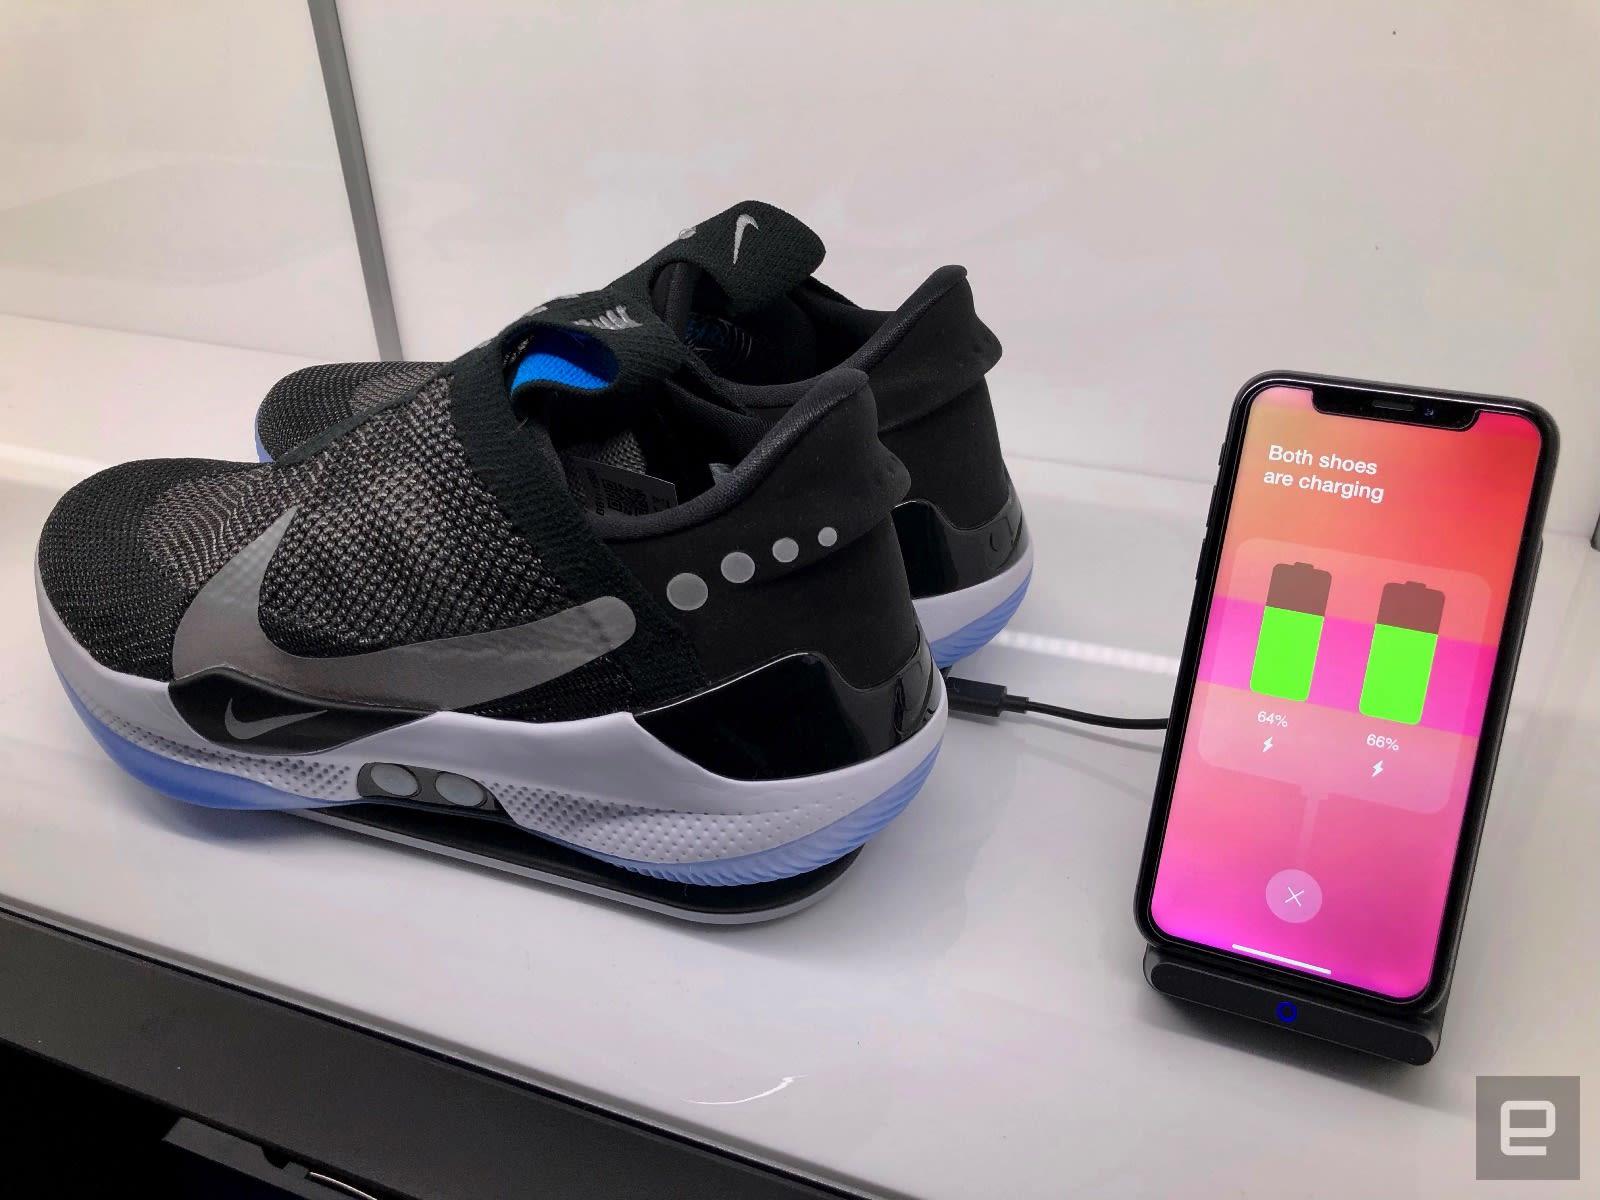 A closer look at Nike's Adapt BB